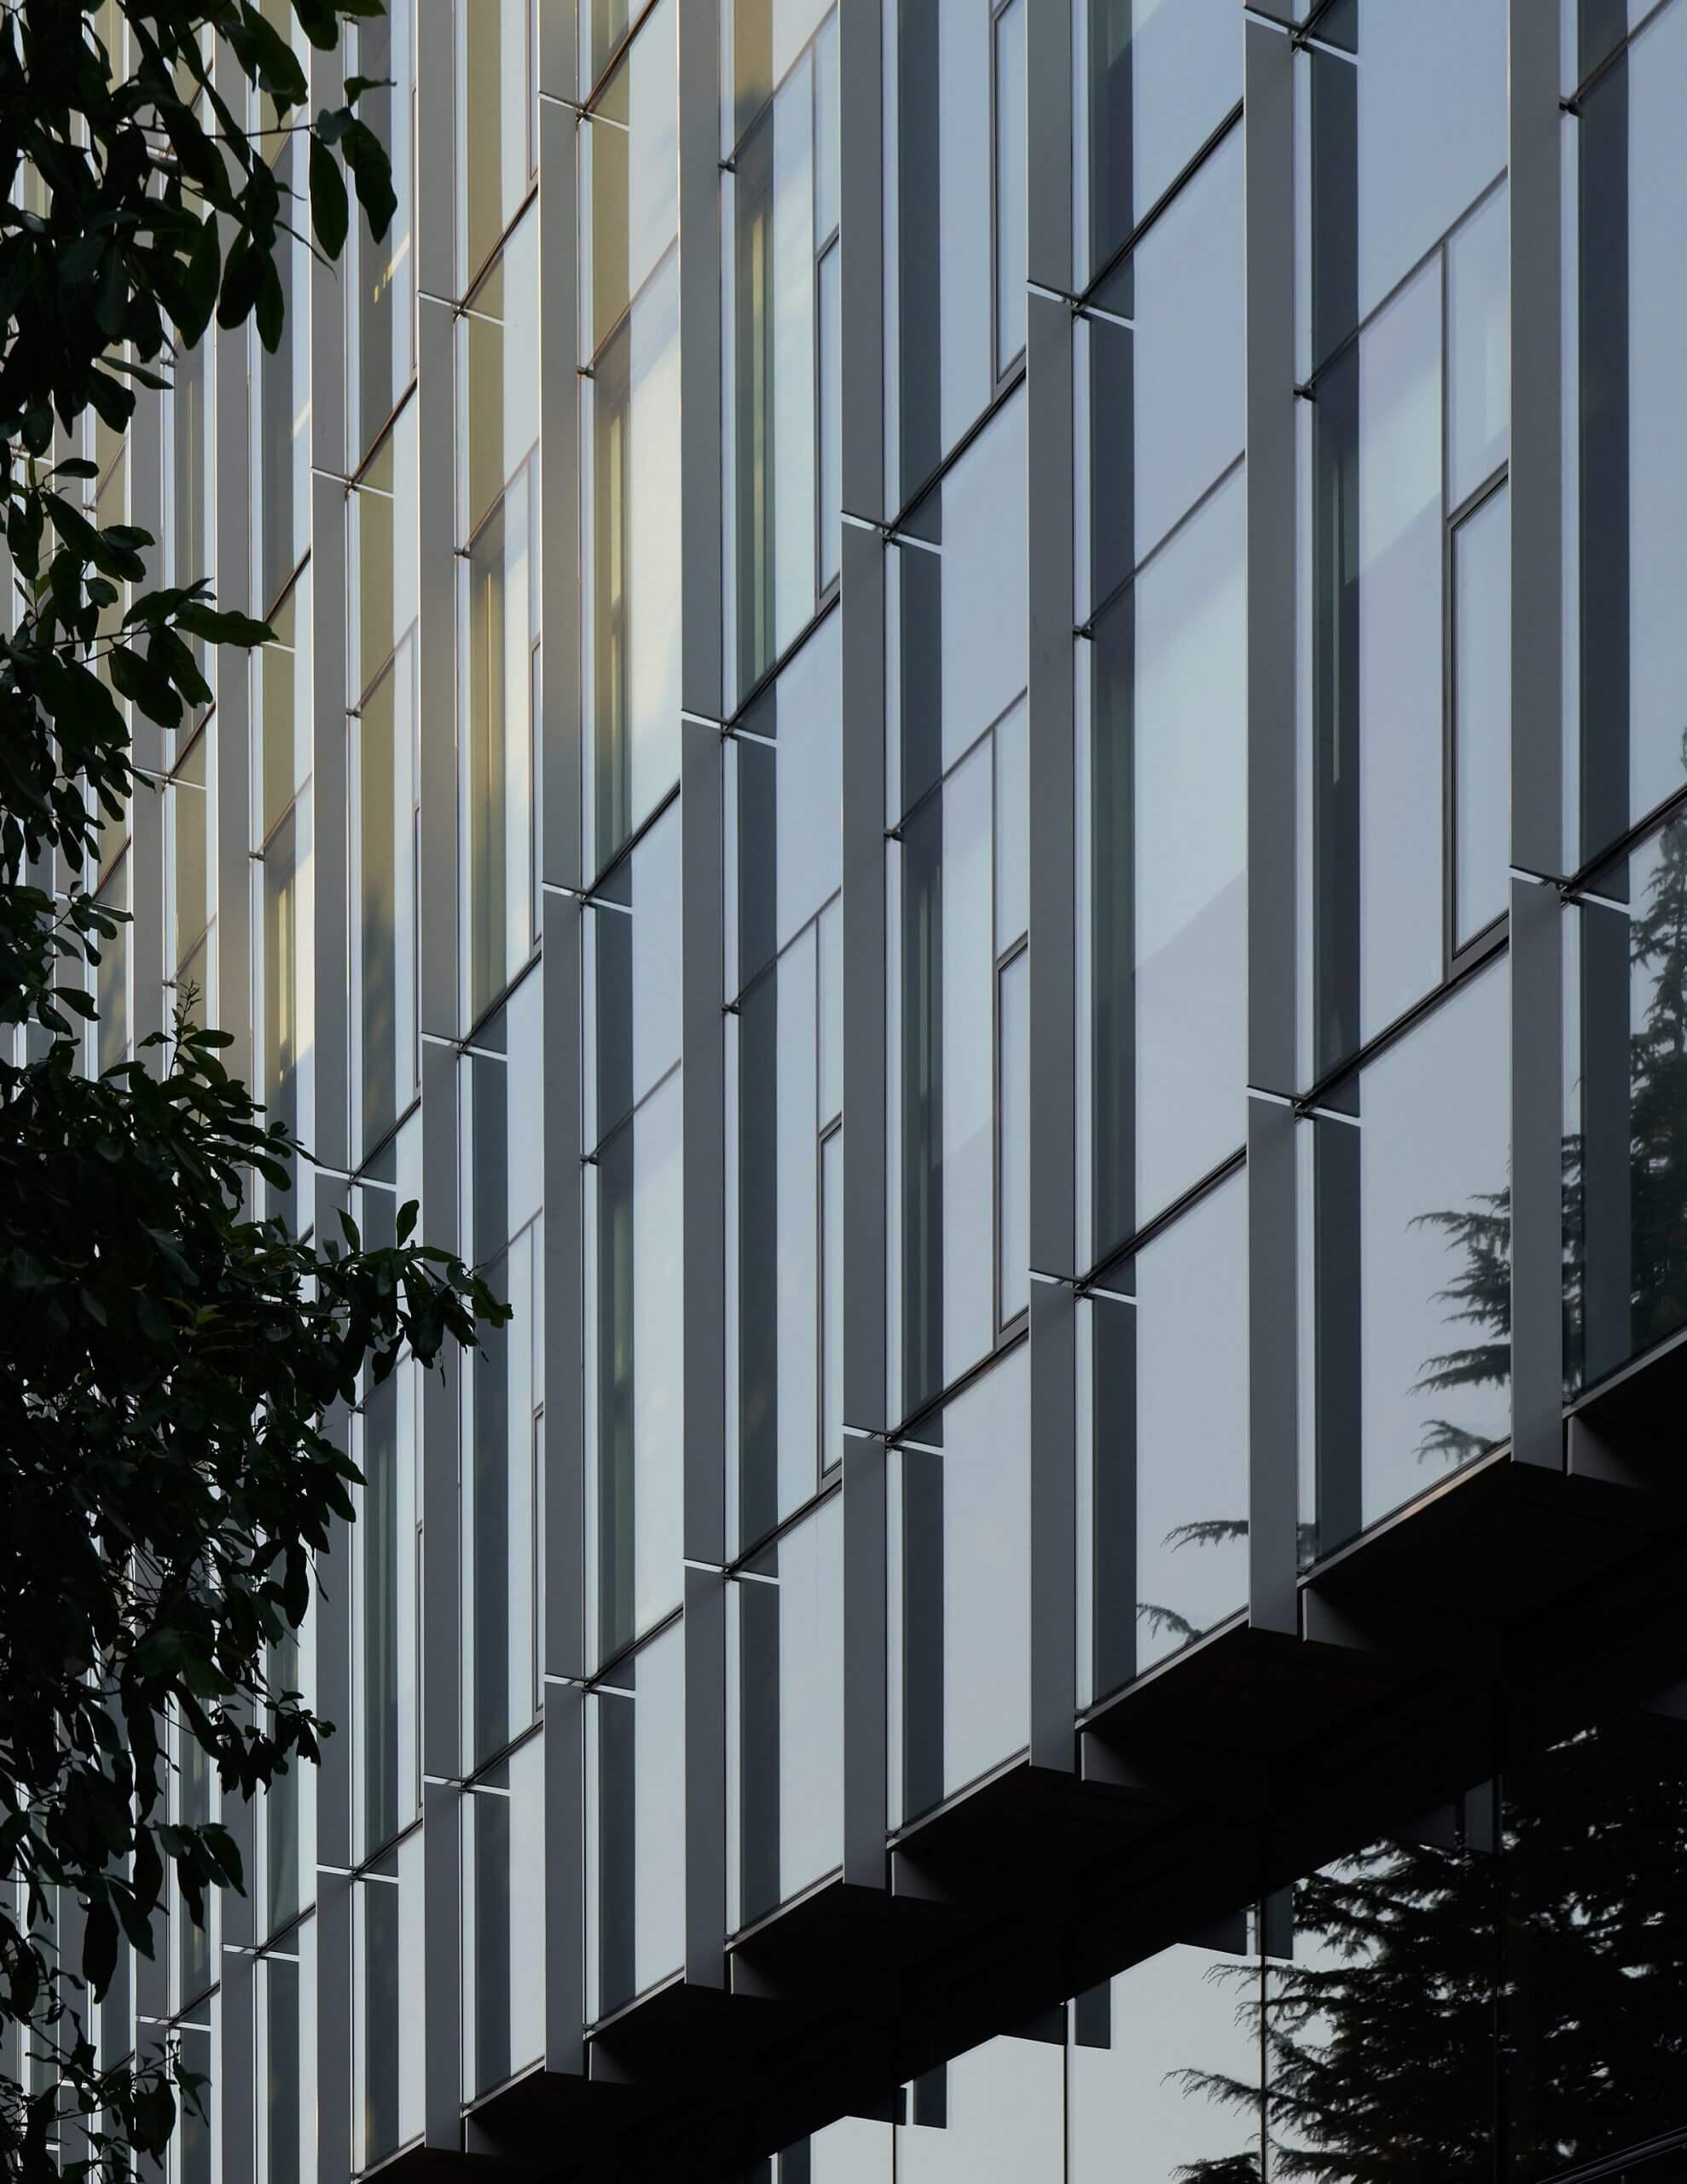 باله های لعاب یافته ، مرکز Rosling سیاتل